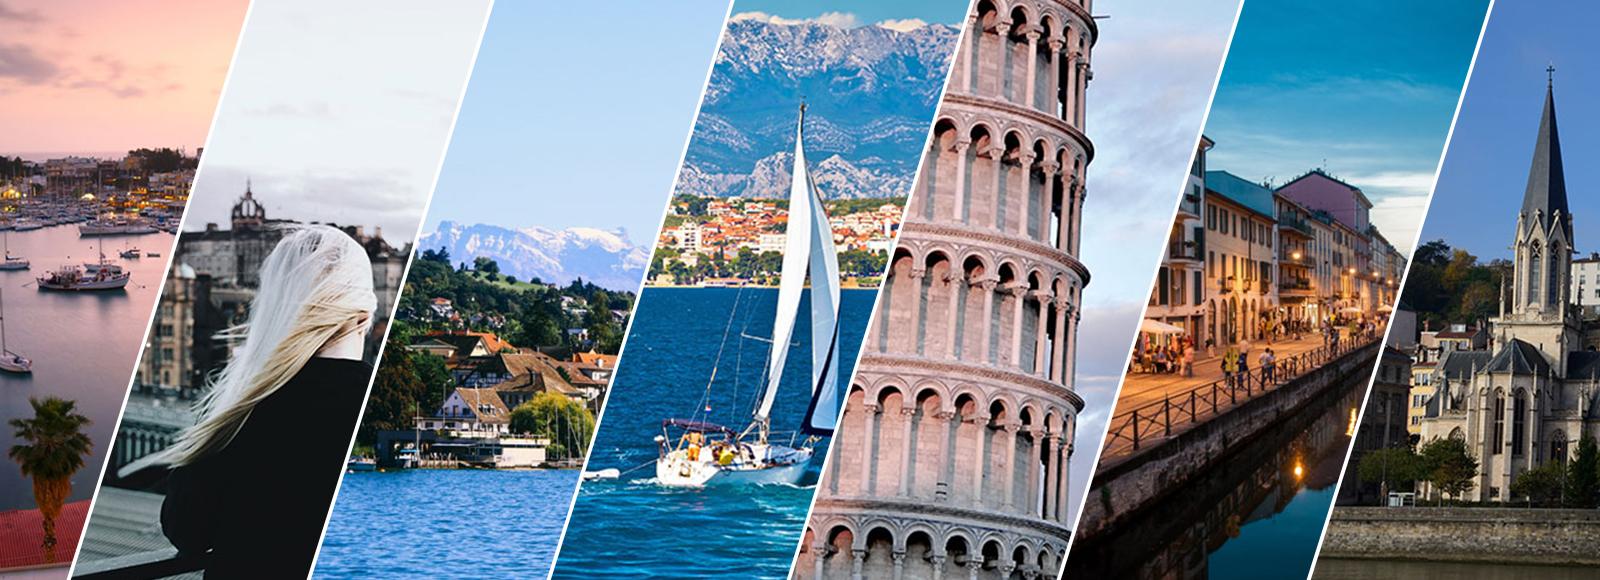 Hotels In Der Nahe Von Pisa